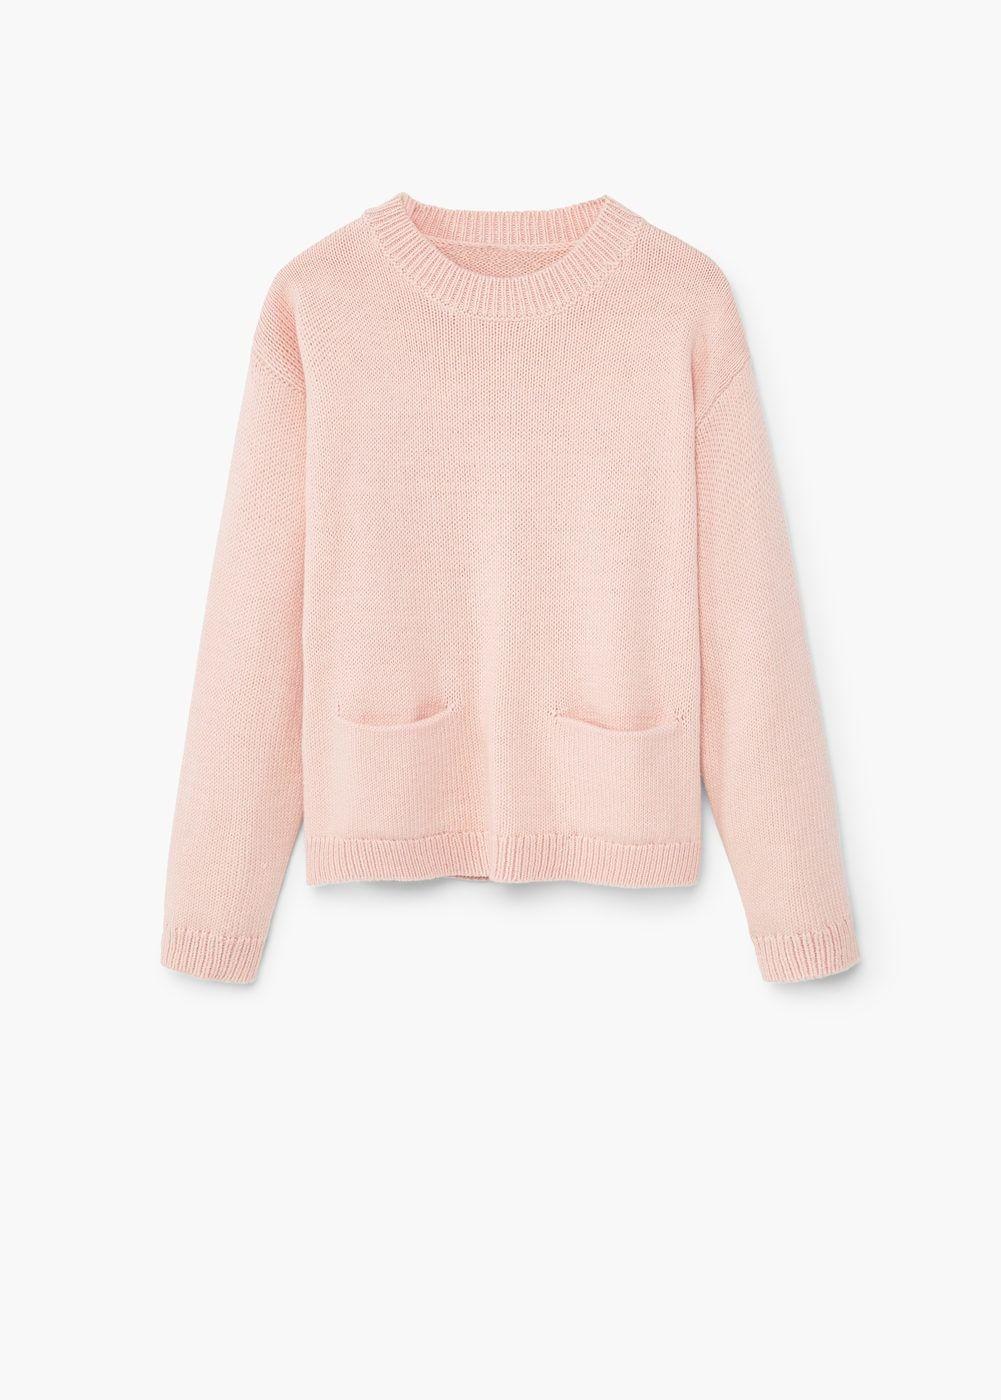 Pull-over coton poche | MANGO KIDS